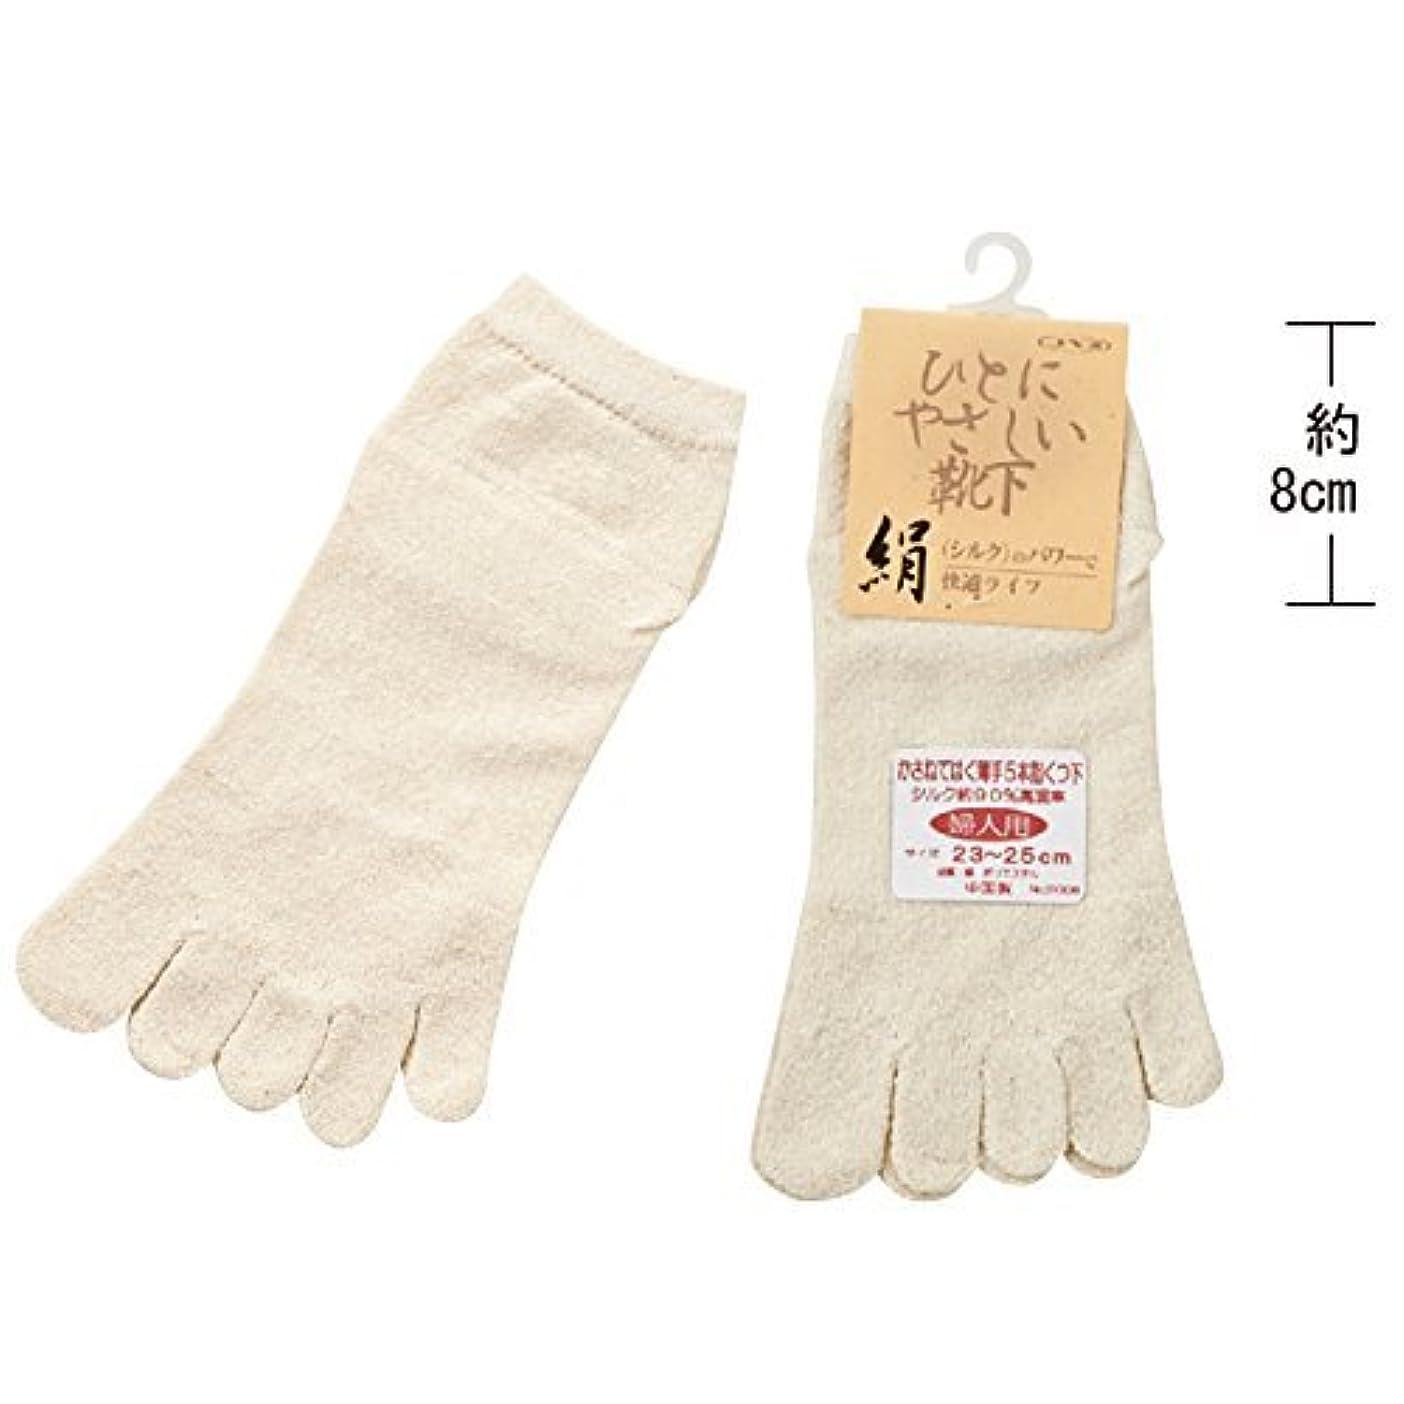 曲がった小麦粉工業用コベス 婦人シルクかさねてはく薄手5本指くつ下